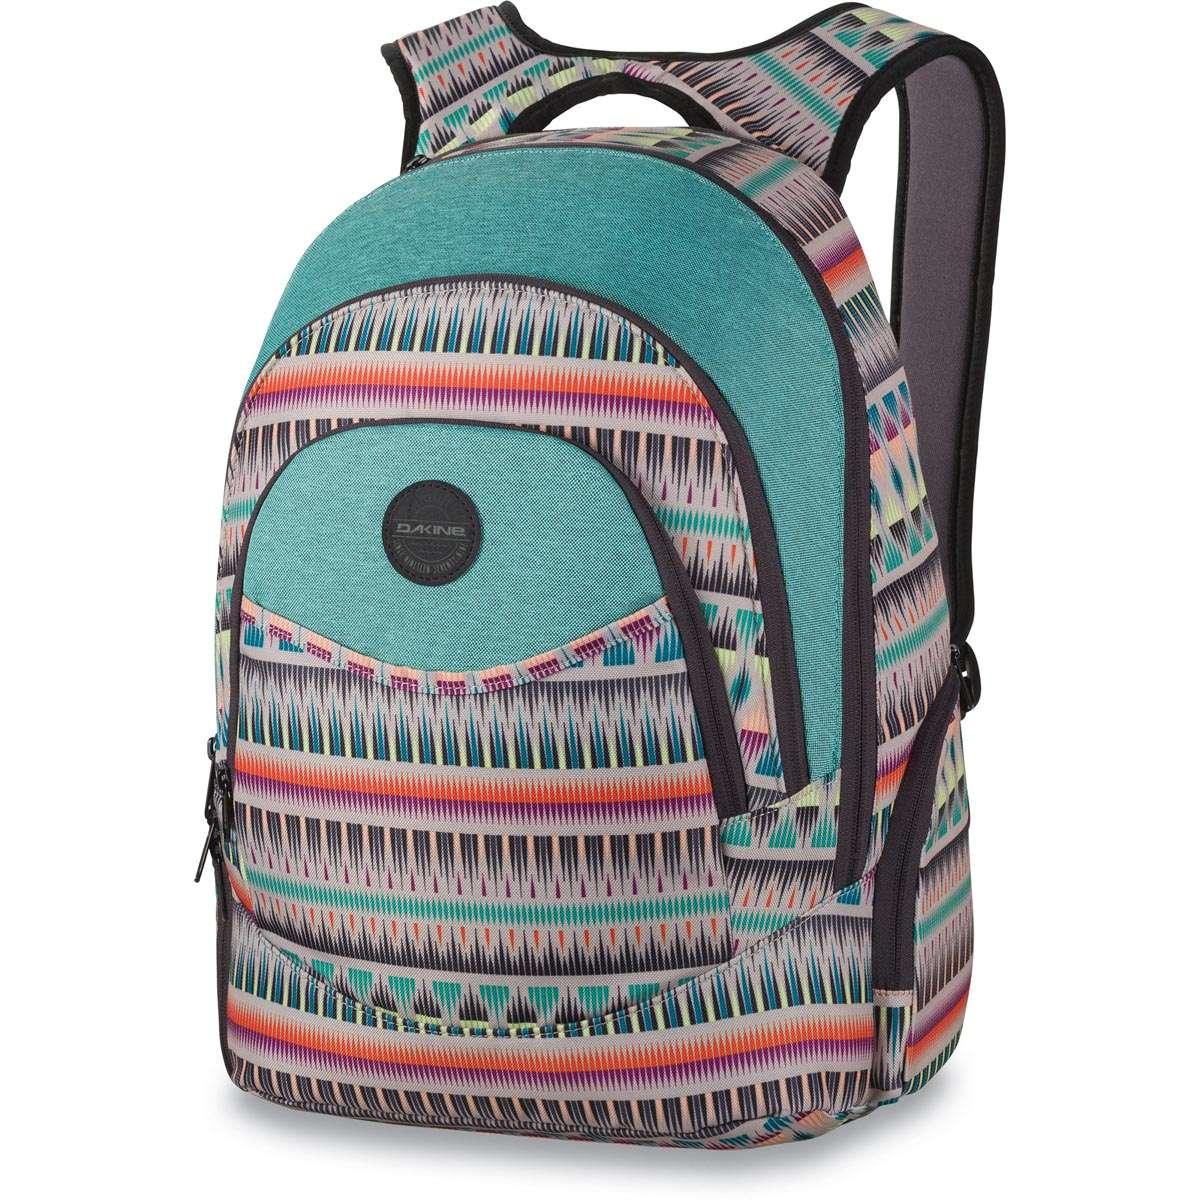 f12e29887a3a5 dakine prom 25l rucksack mit laptopfach flora dakine shop. dakine ...